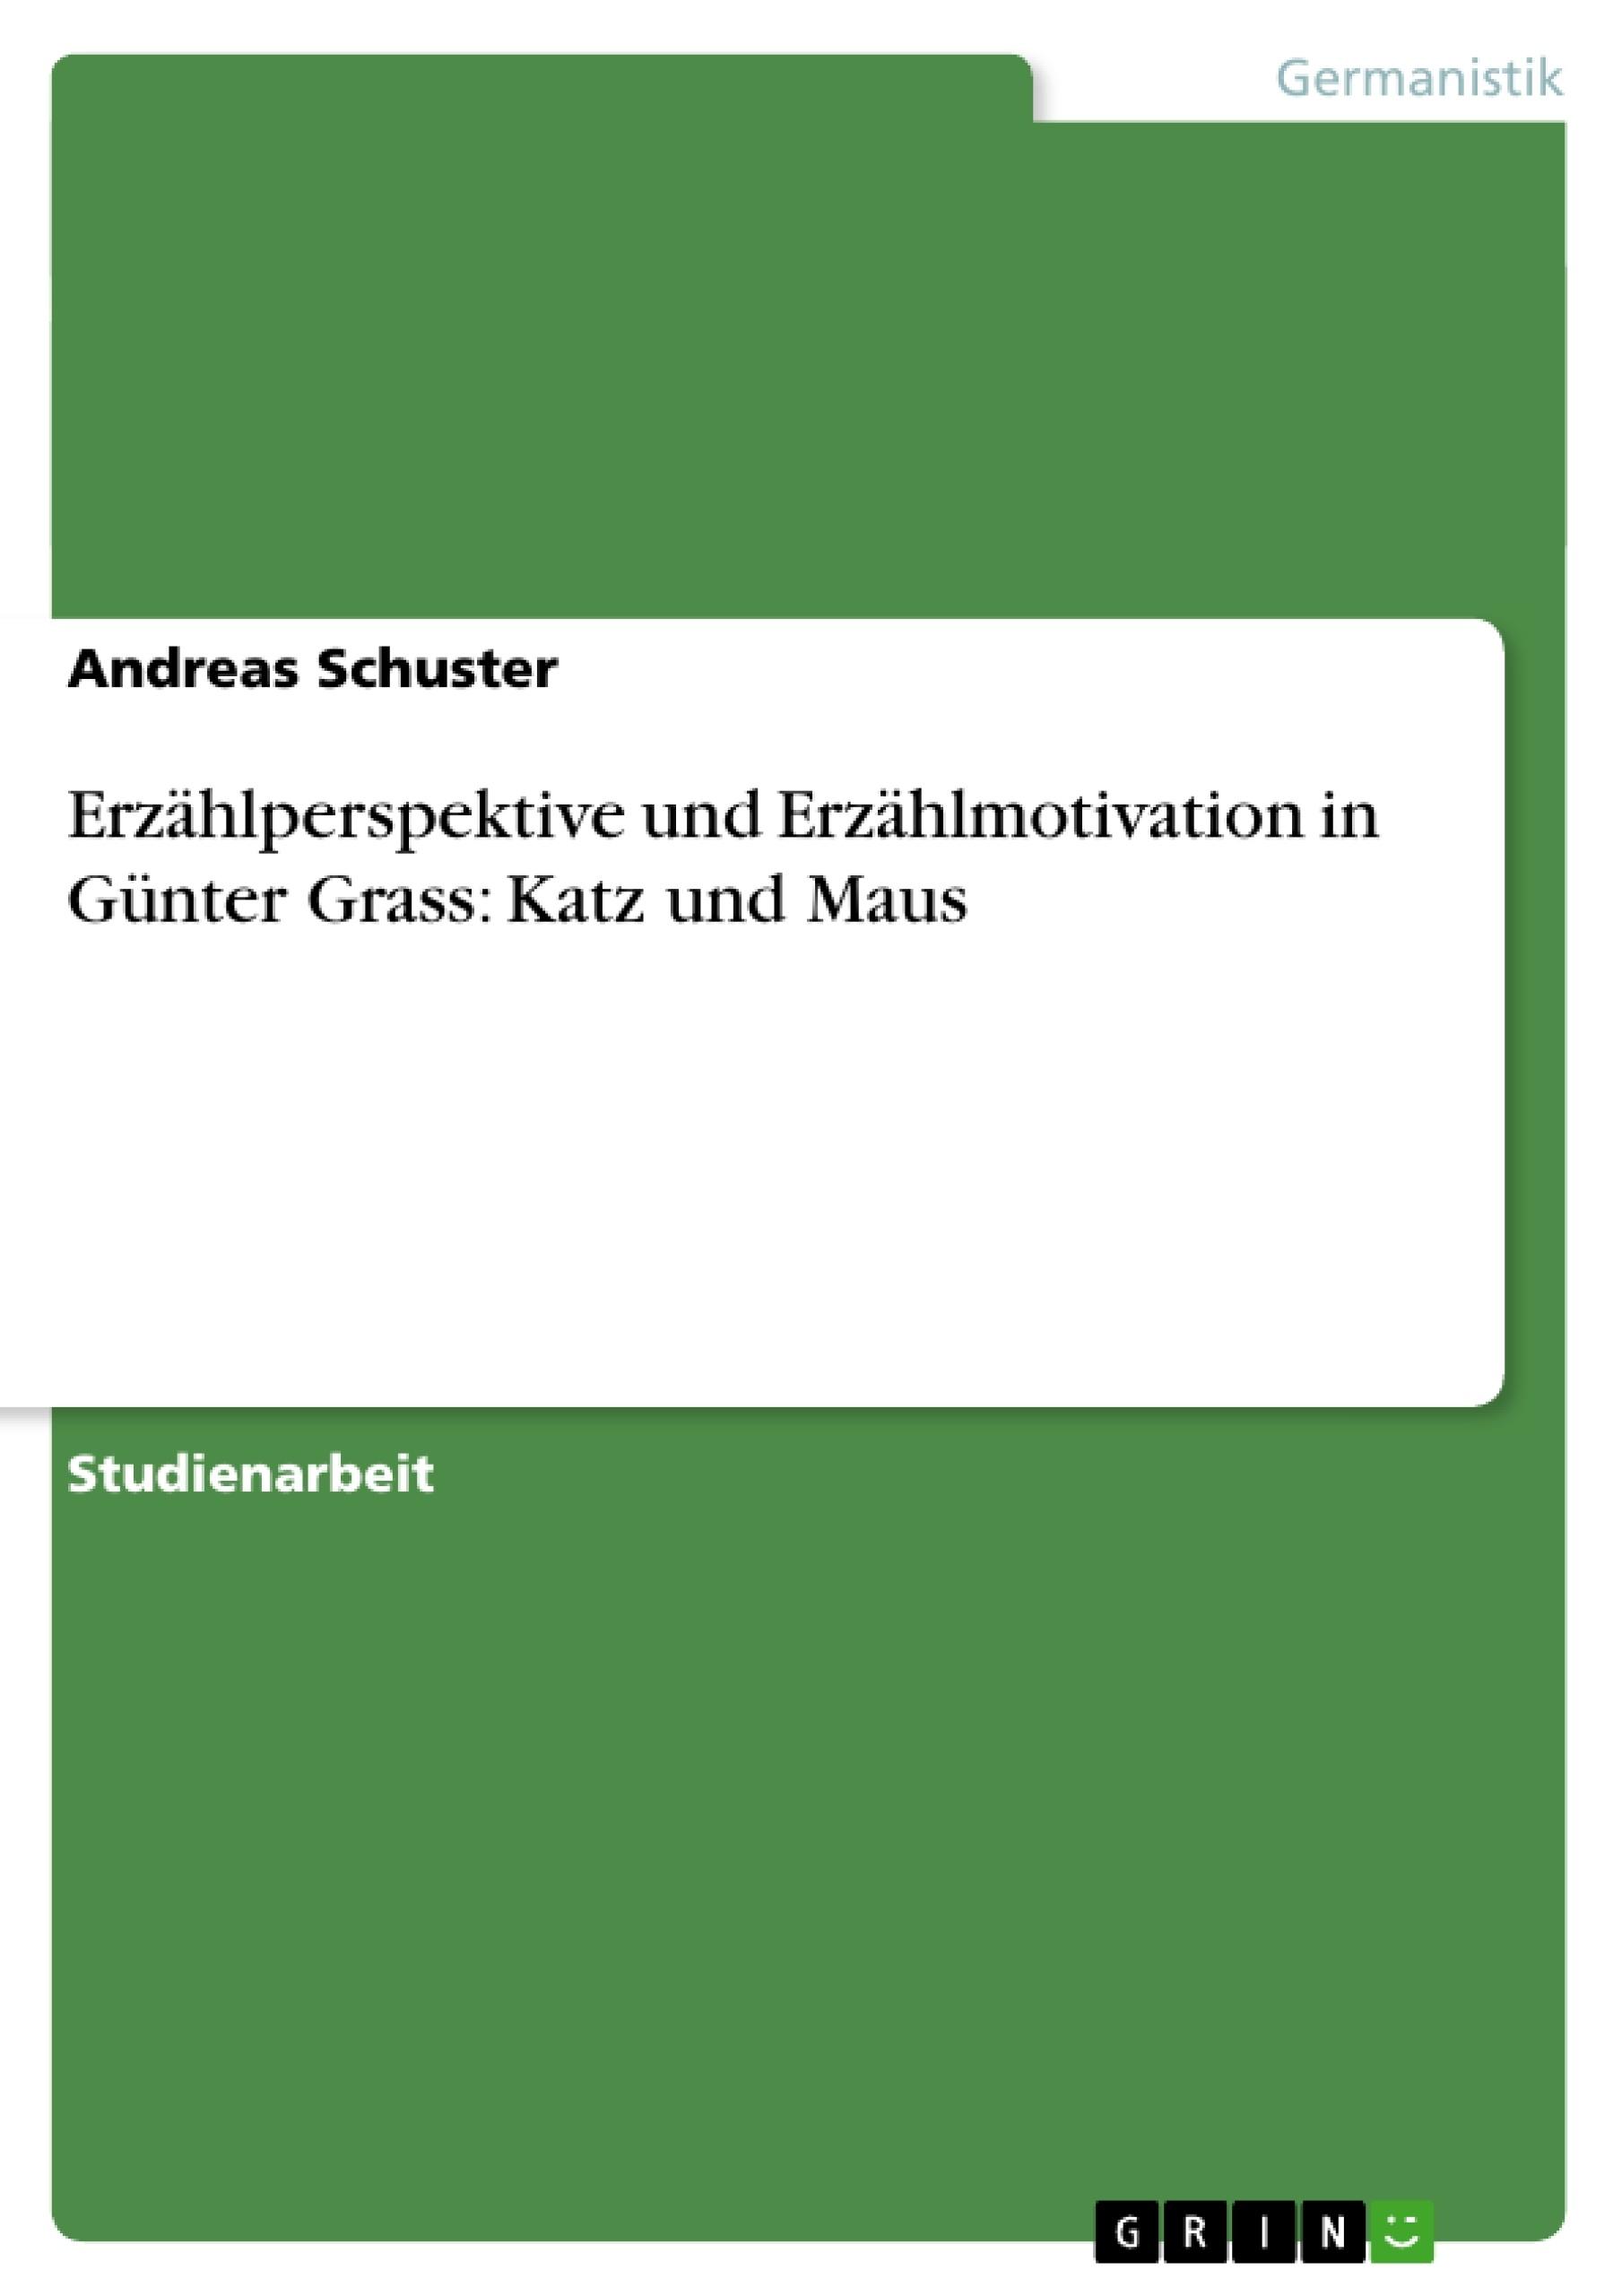 Titel: Erzählperspektive und Erzählmotivation in Günter Grass: Katz und Maus